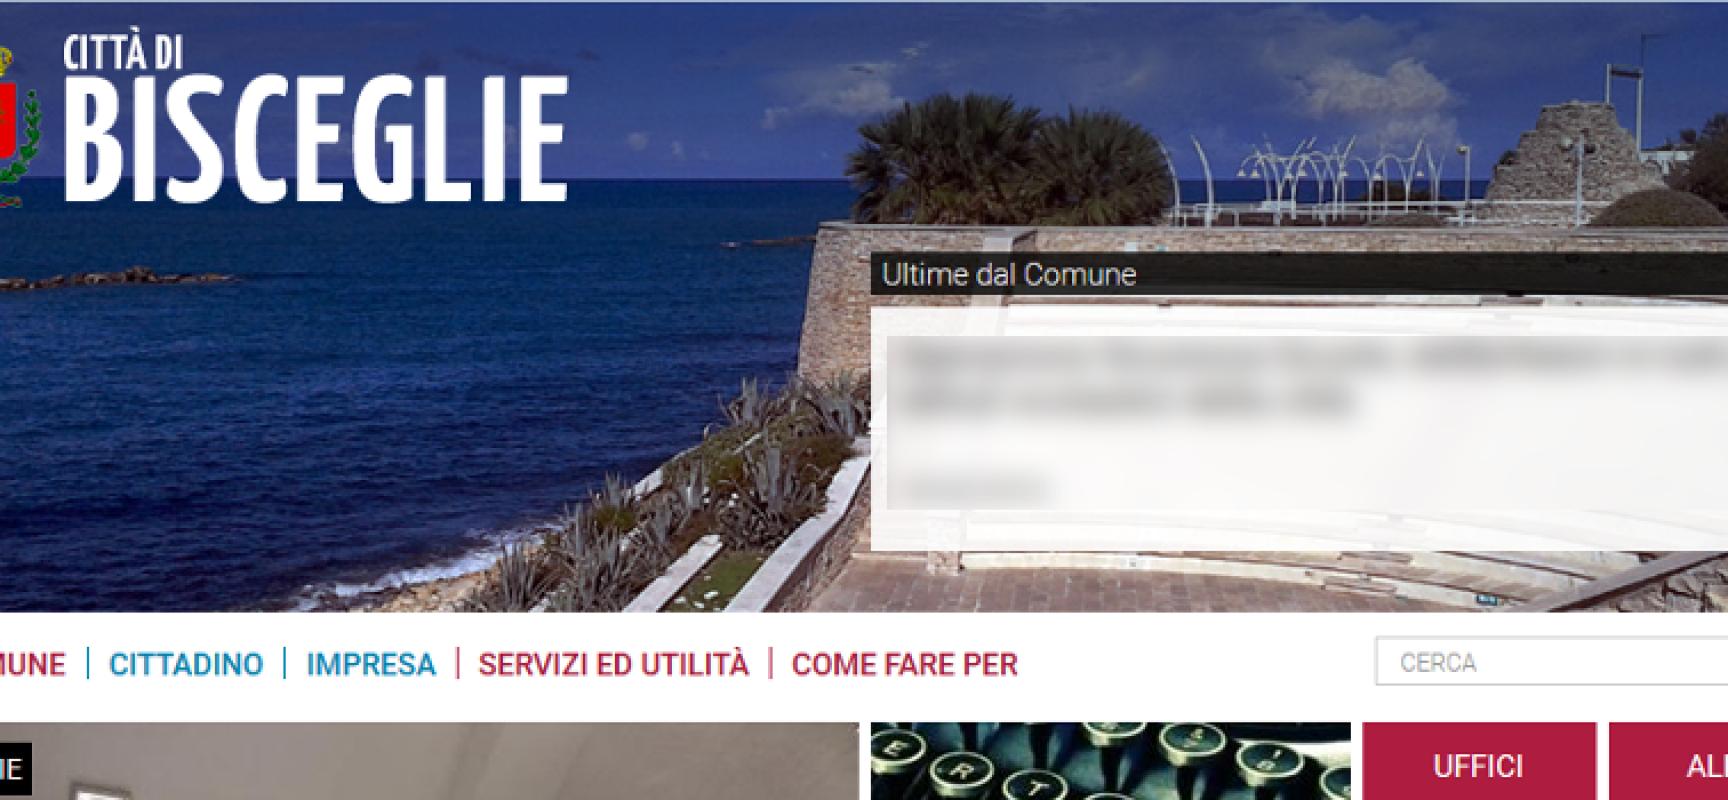 Online il nuovo sito web del Comune realizzato in collaborazione con la Provincia di Brescia